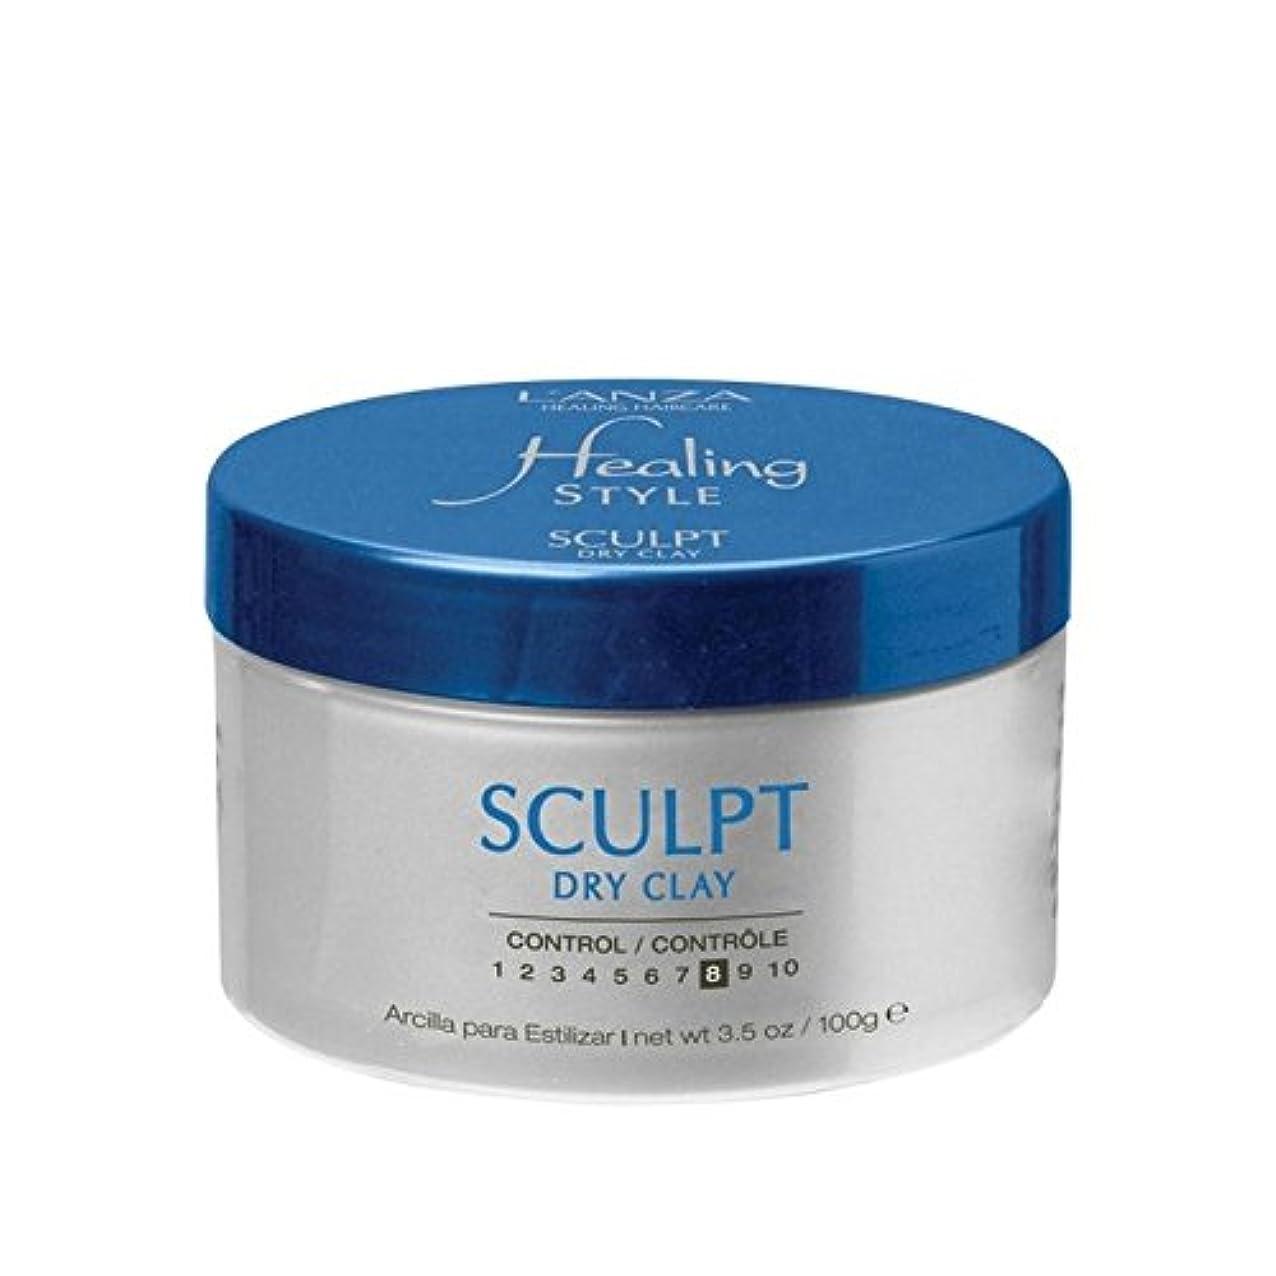 早く除去偏差L'Anza Healing Style Sculpt Dry Clay (100G) (Pack of 6) - のアンザ治癒スタイル乾燥粘土(100グラム)を彫刻 x6 [並行輸入品]